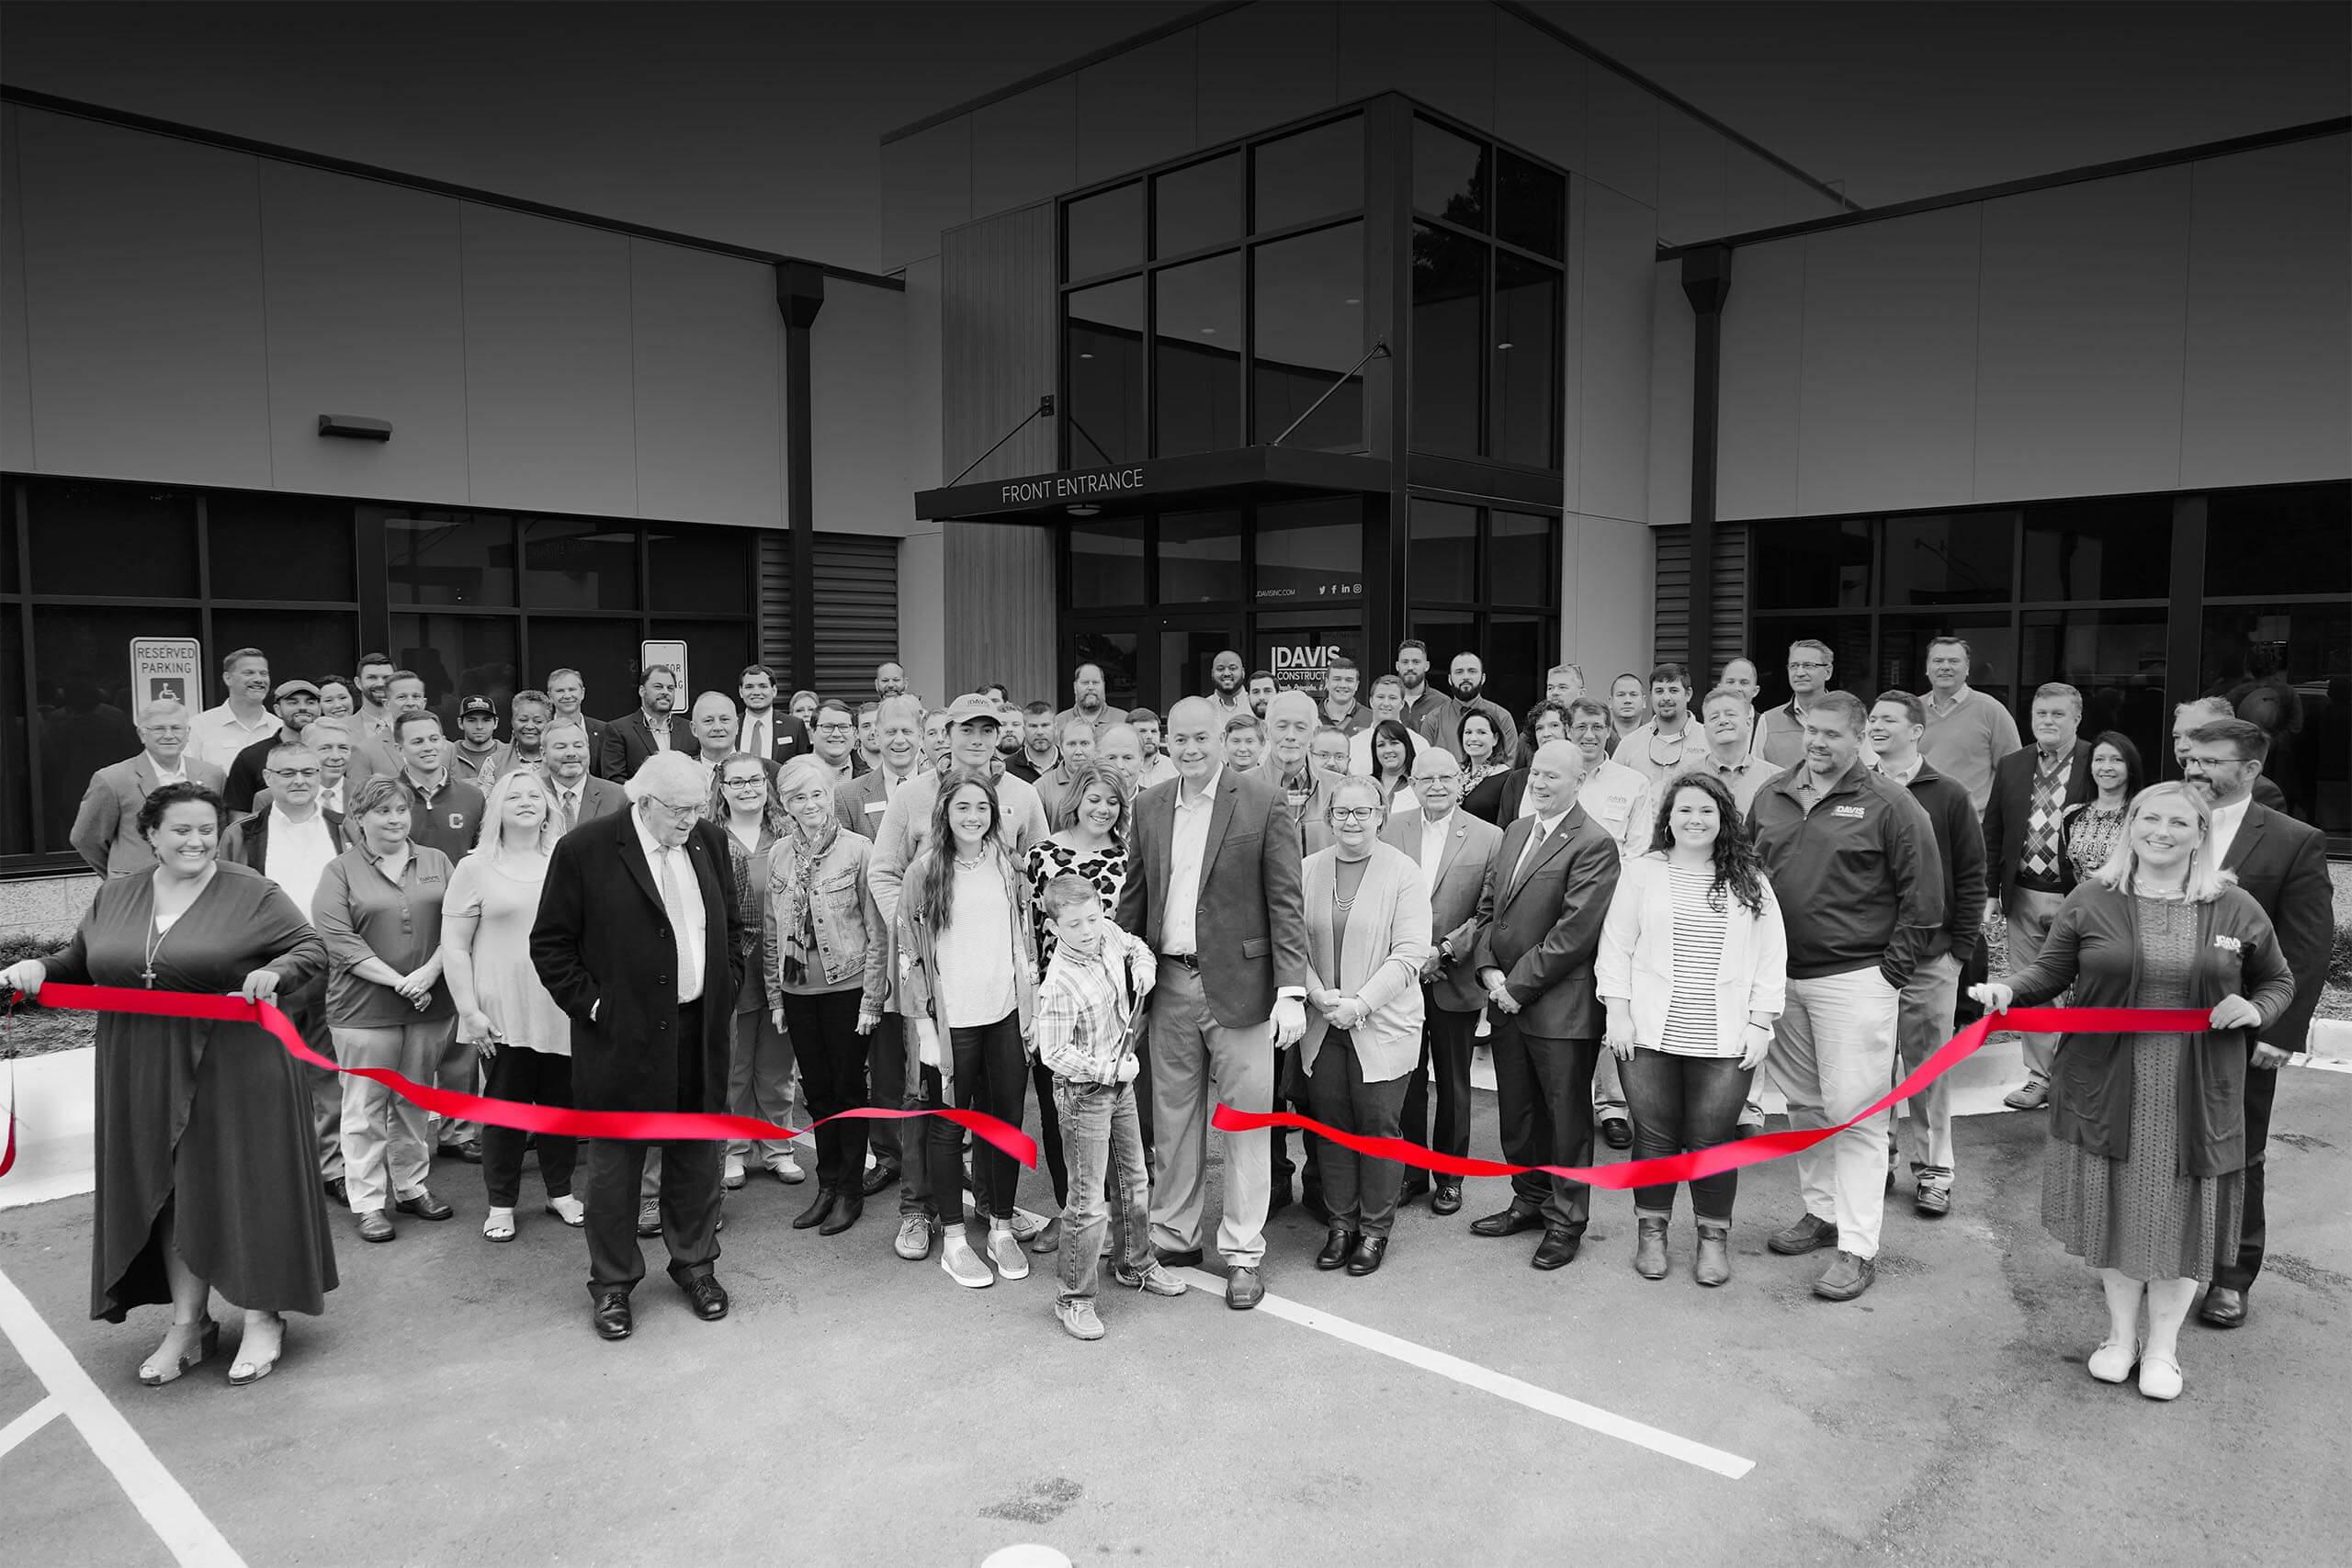 JDavis headquarters ribbon cutting